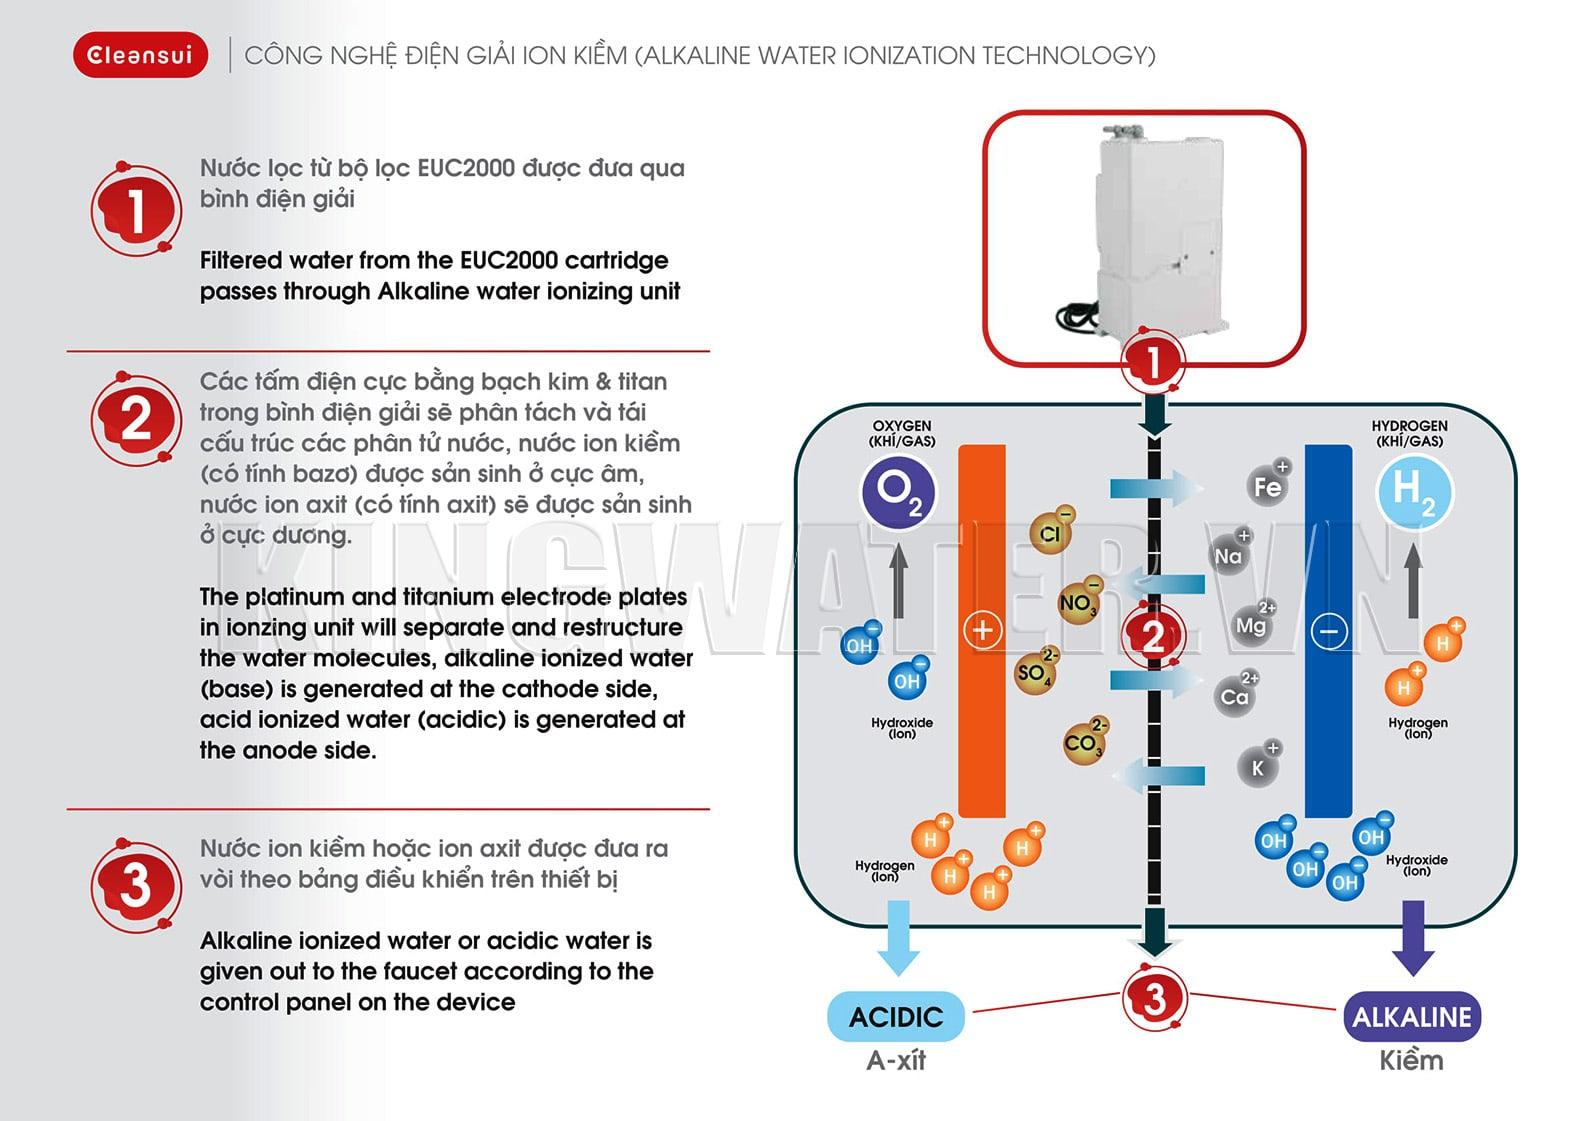 5 tấm điện cực trong buồng điện phân giúp Cleansui EU301 lọc nước kiềm mạnh mẽ